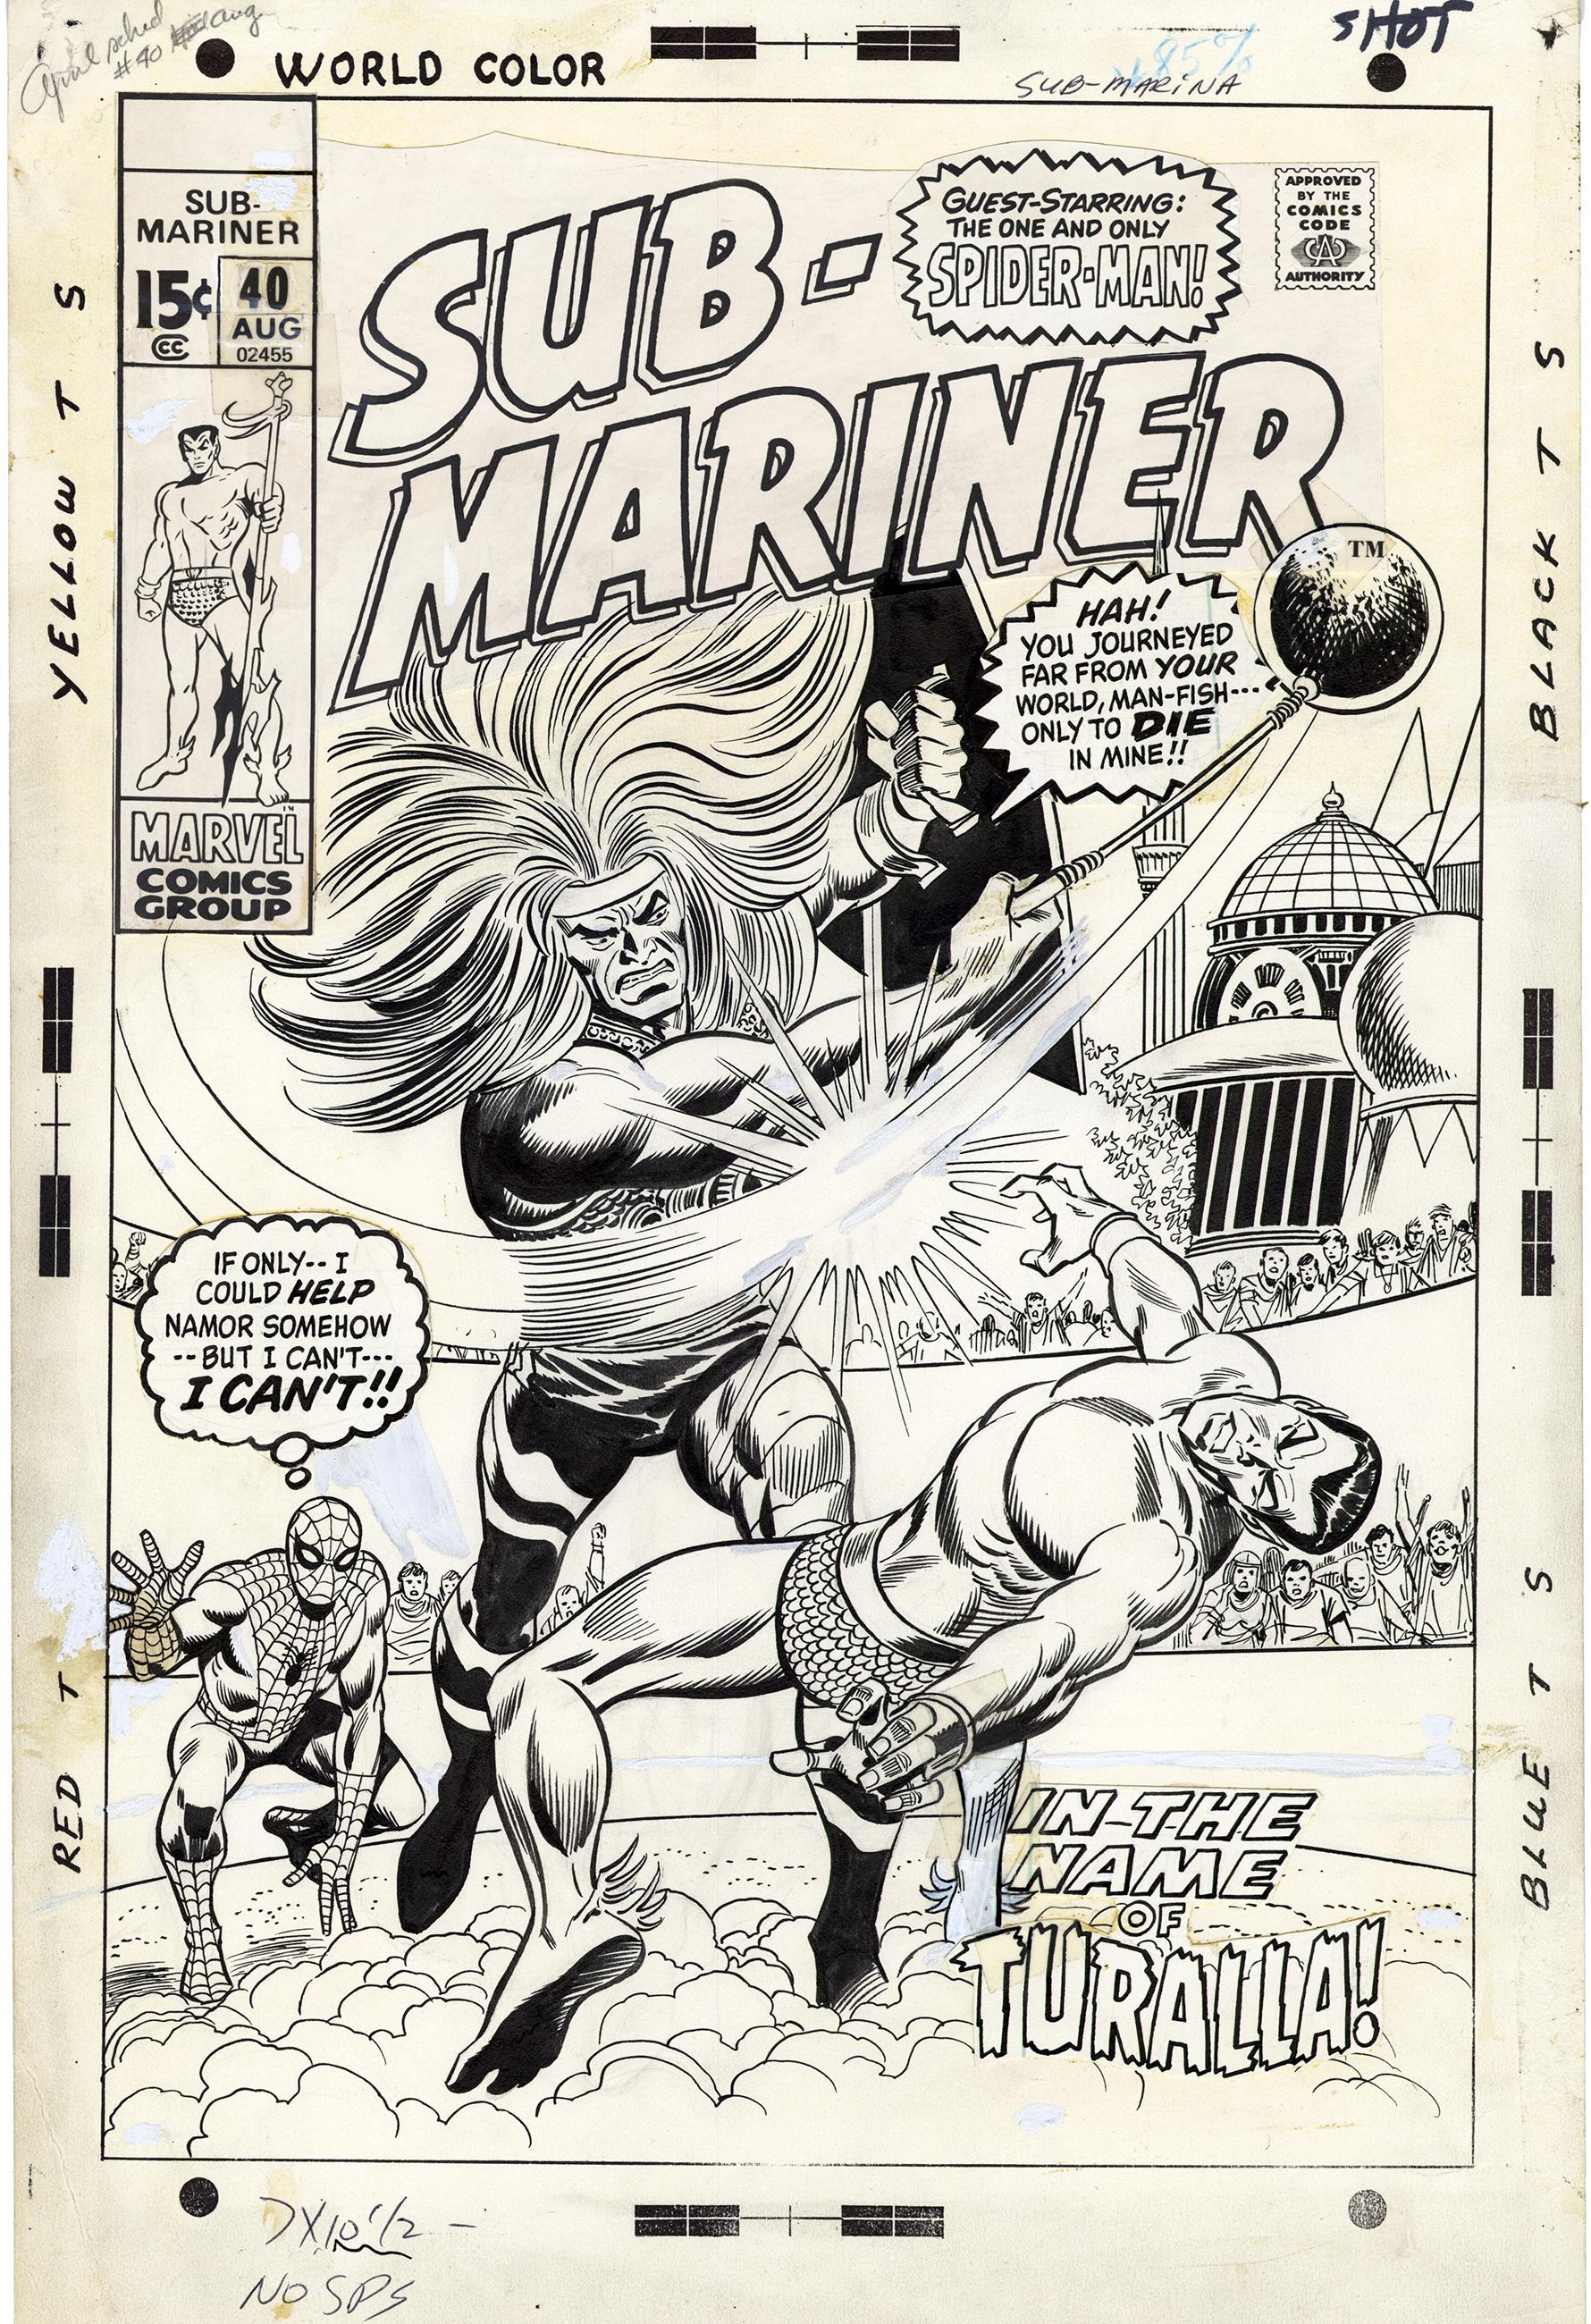 Sub-Mariner #40 Cover